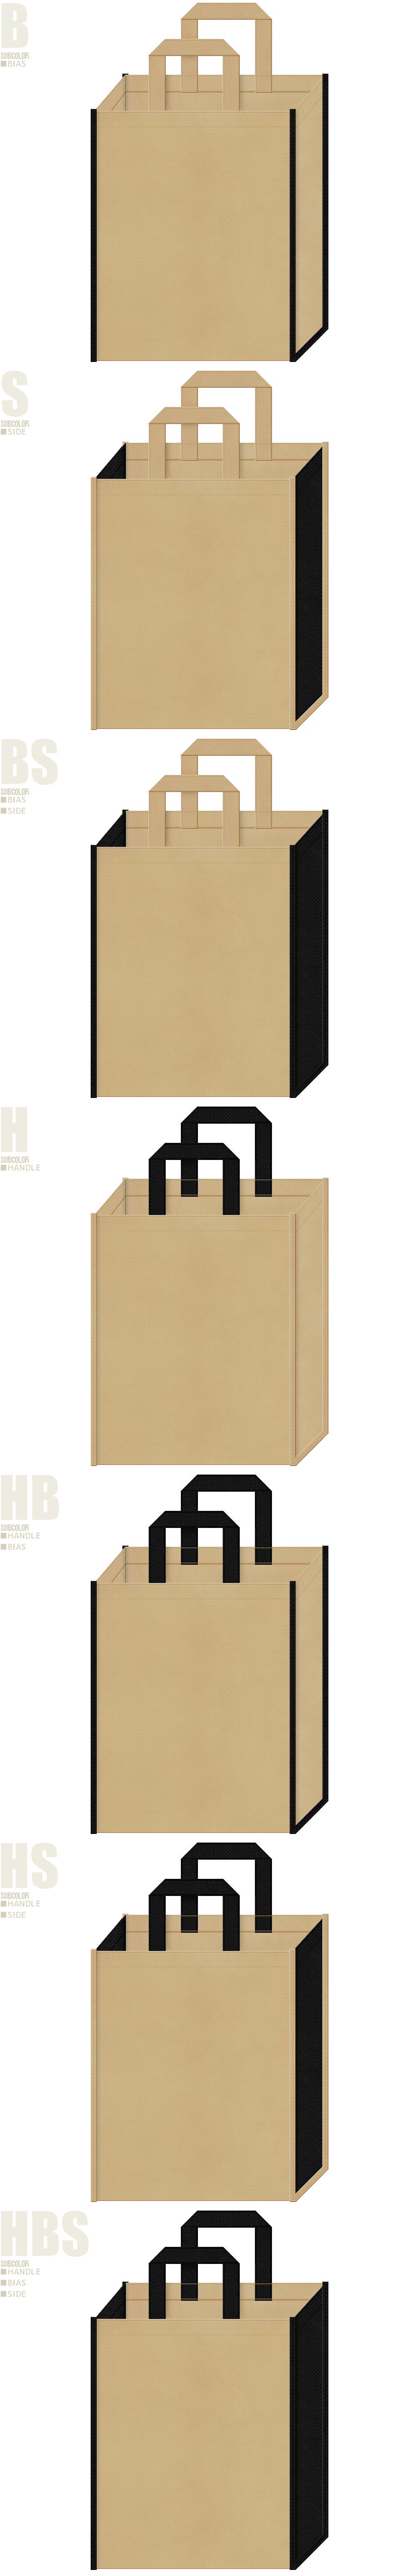 襖・額縁・和室・書道・城下町・提灯・下駄・瓦・ゲーム・戦国・お城イベントにお奨めの不織布バッグデザイン:カーキ色と黒色の配色7パターン。